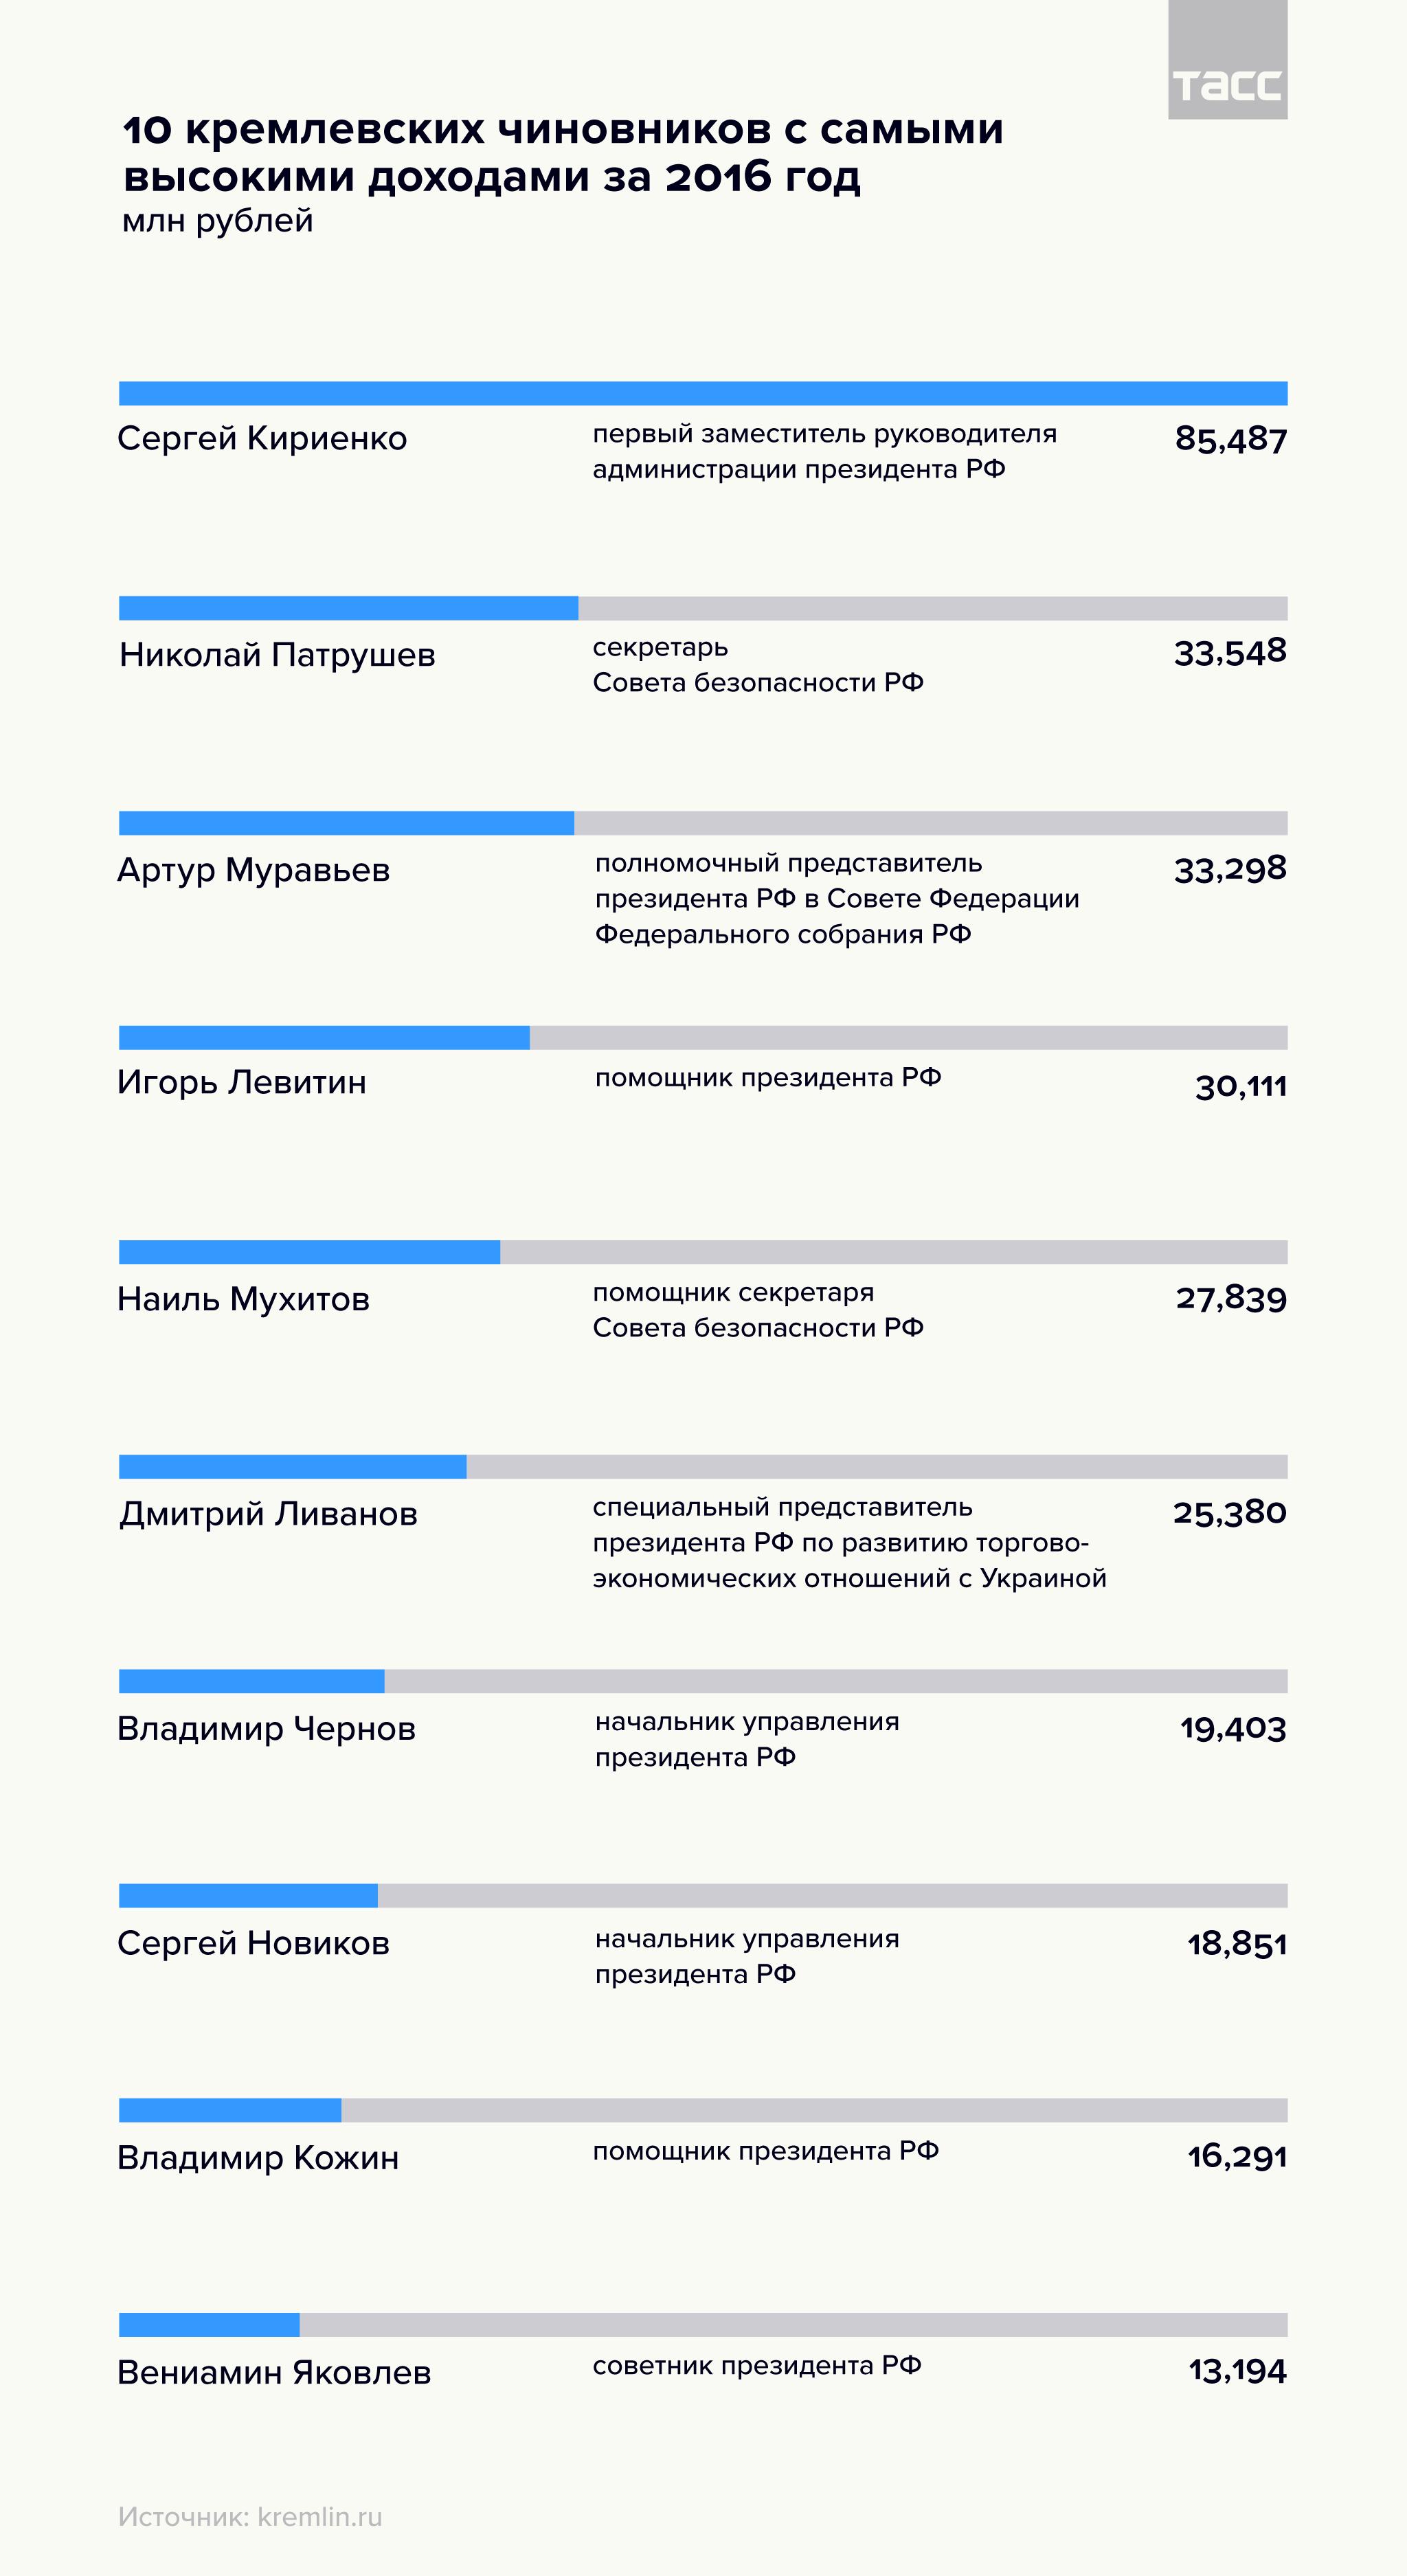 10 кремлевских чиновников с самыми высокими доходами